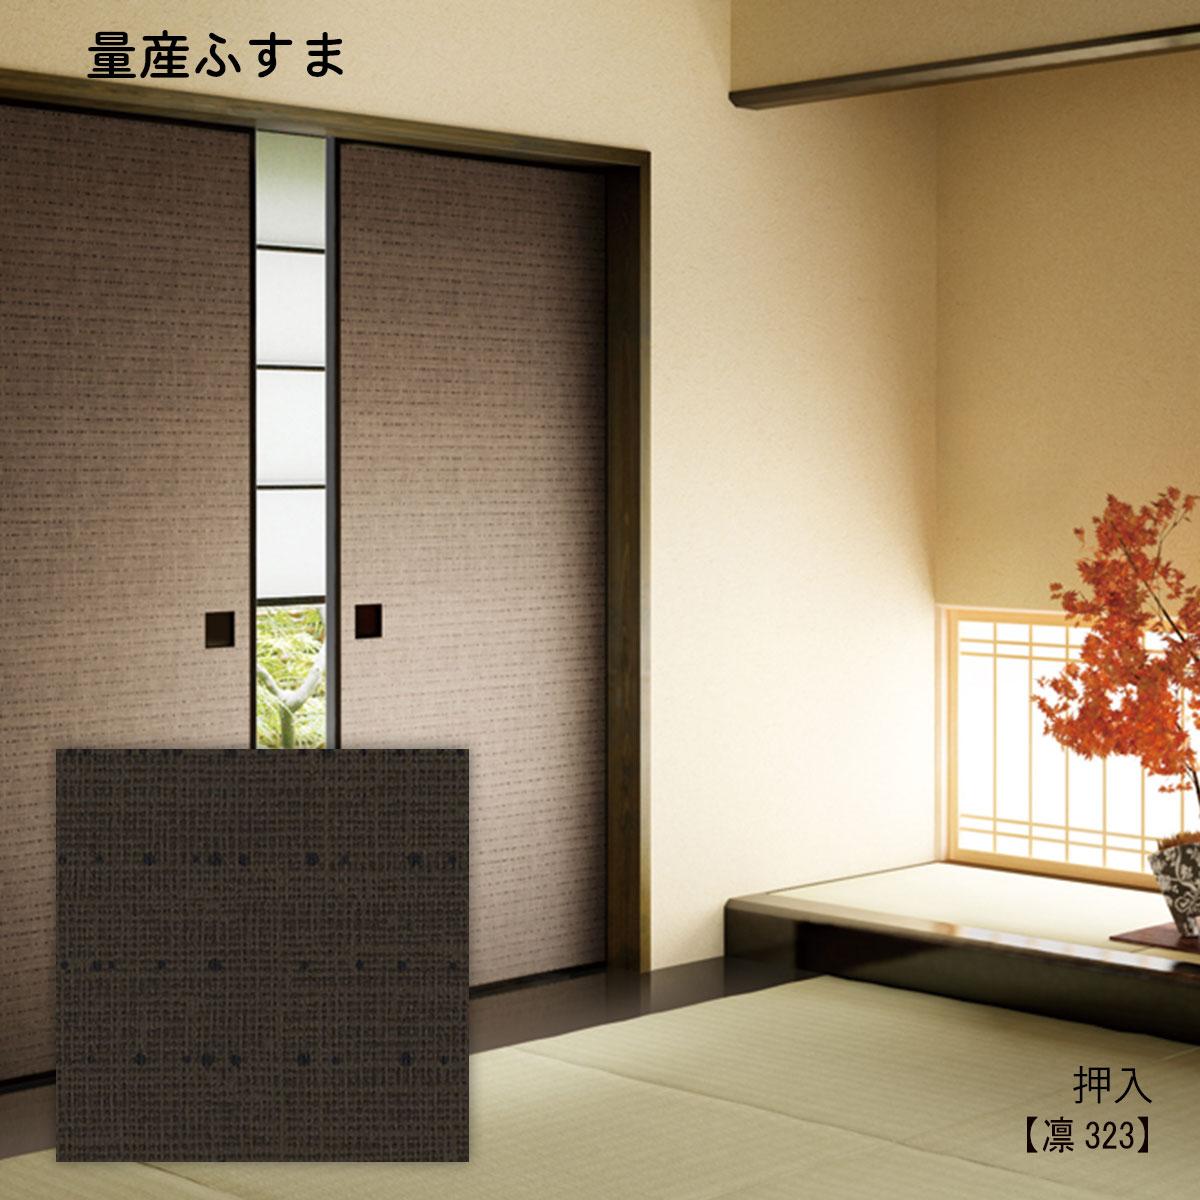 ふすま紙 凛306 襖 和室入口ふすま 収納 ふすま ふすま 和室